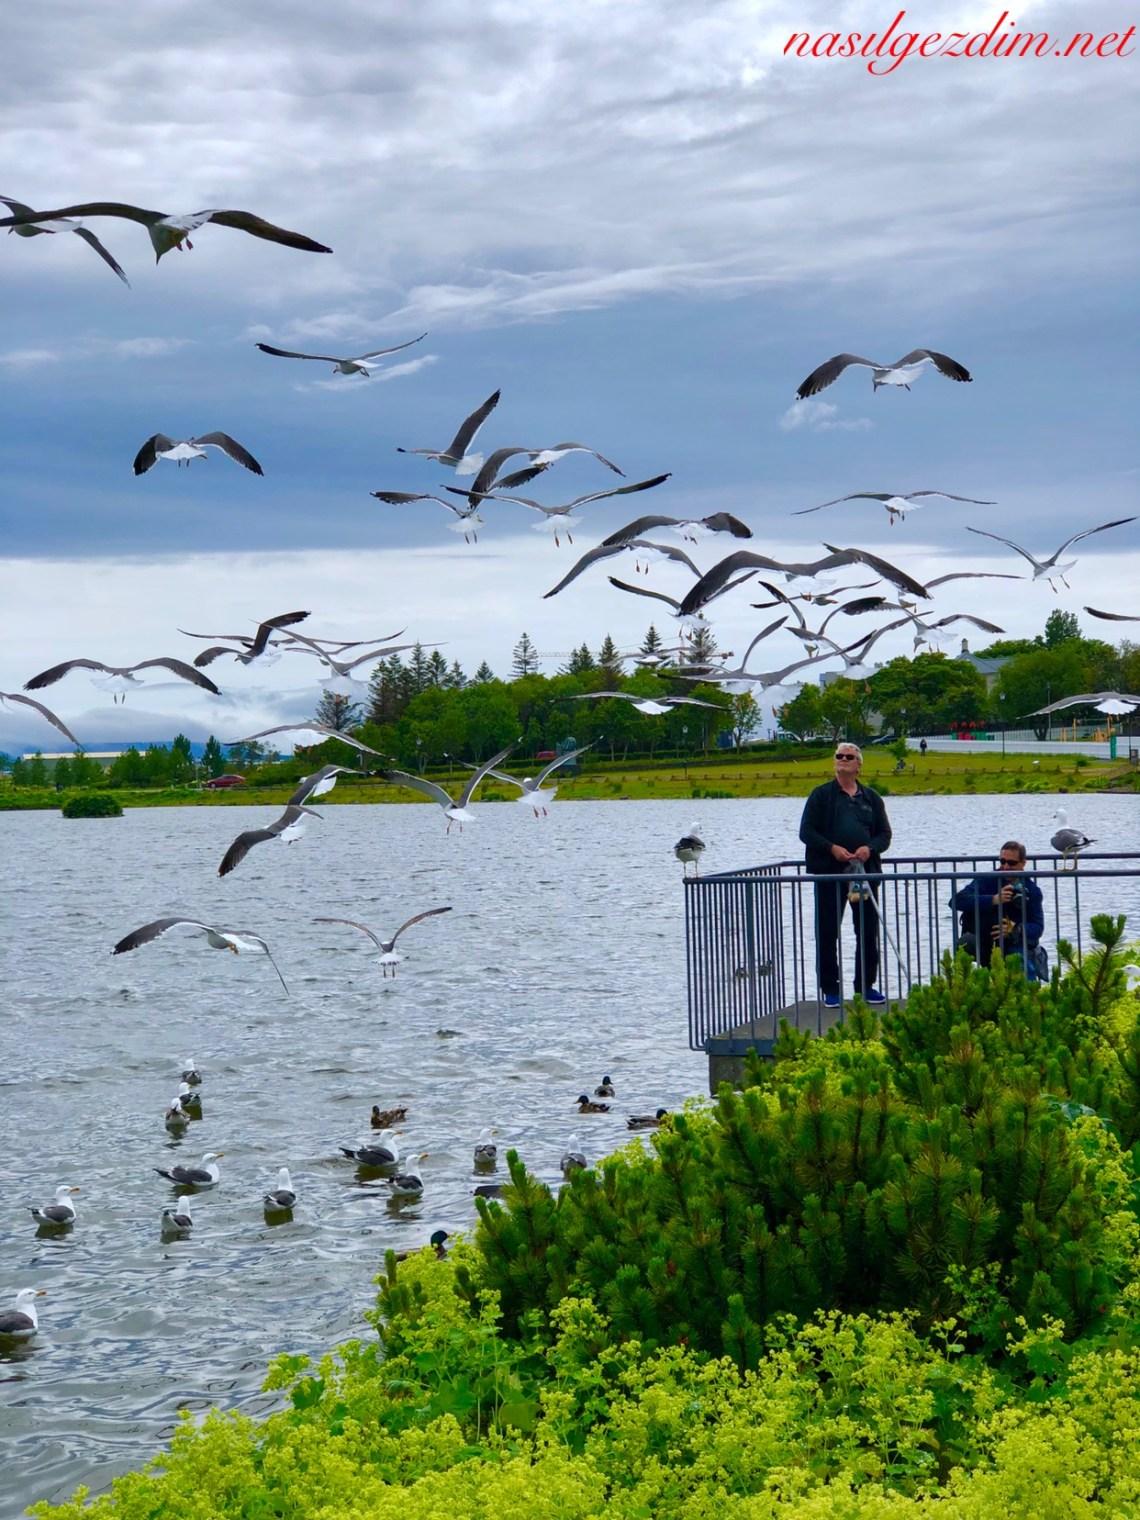 izlanda gezi rehberi, izlanda gezilecek yerler, nasil gezdim, nasilgezdim, güney izlanda gezilecek yerler, reykjavik gezi rehberi, iskandinavya gezilecek yerler, reykjavik gezilecek yerler, izlanda, kuzey ışıkları